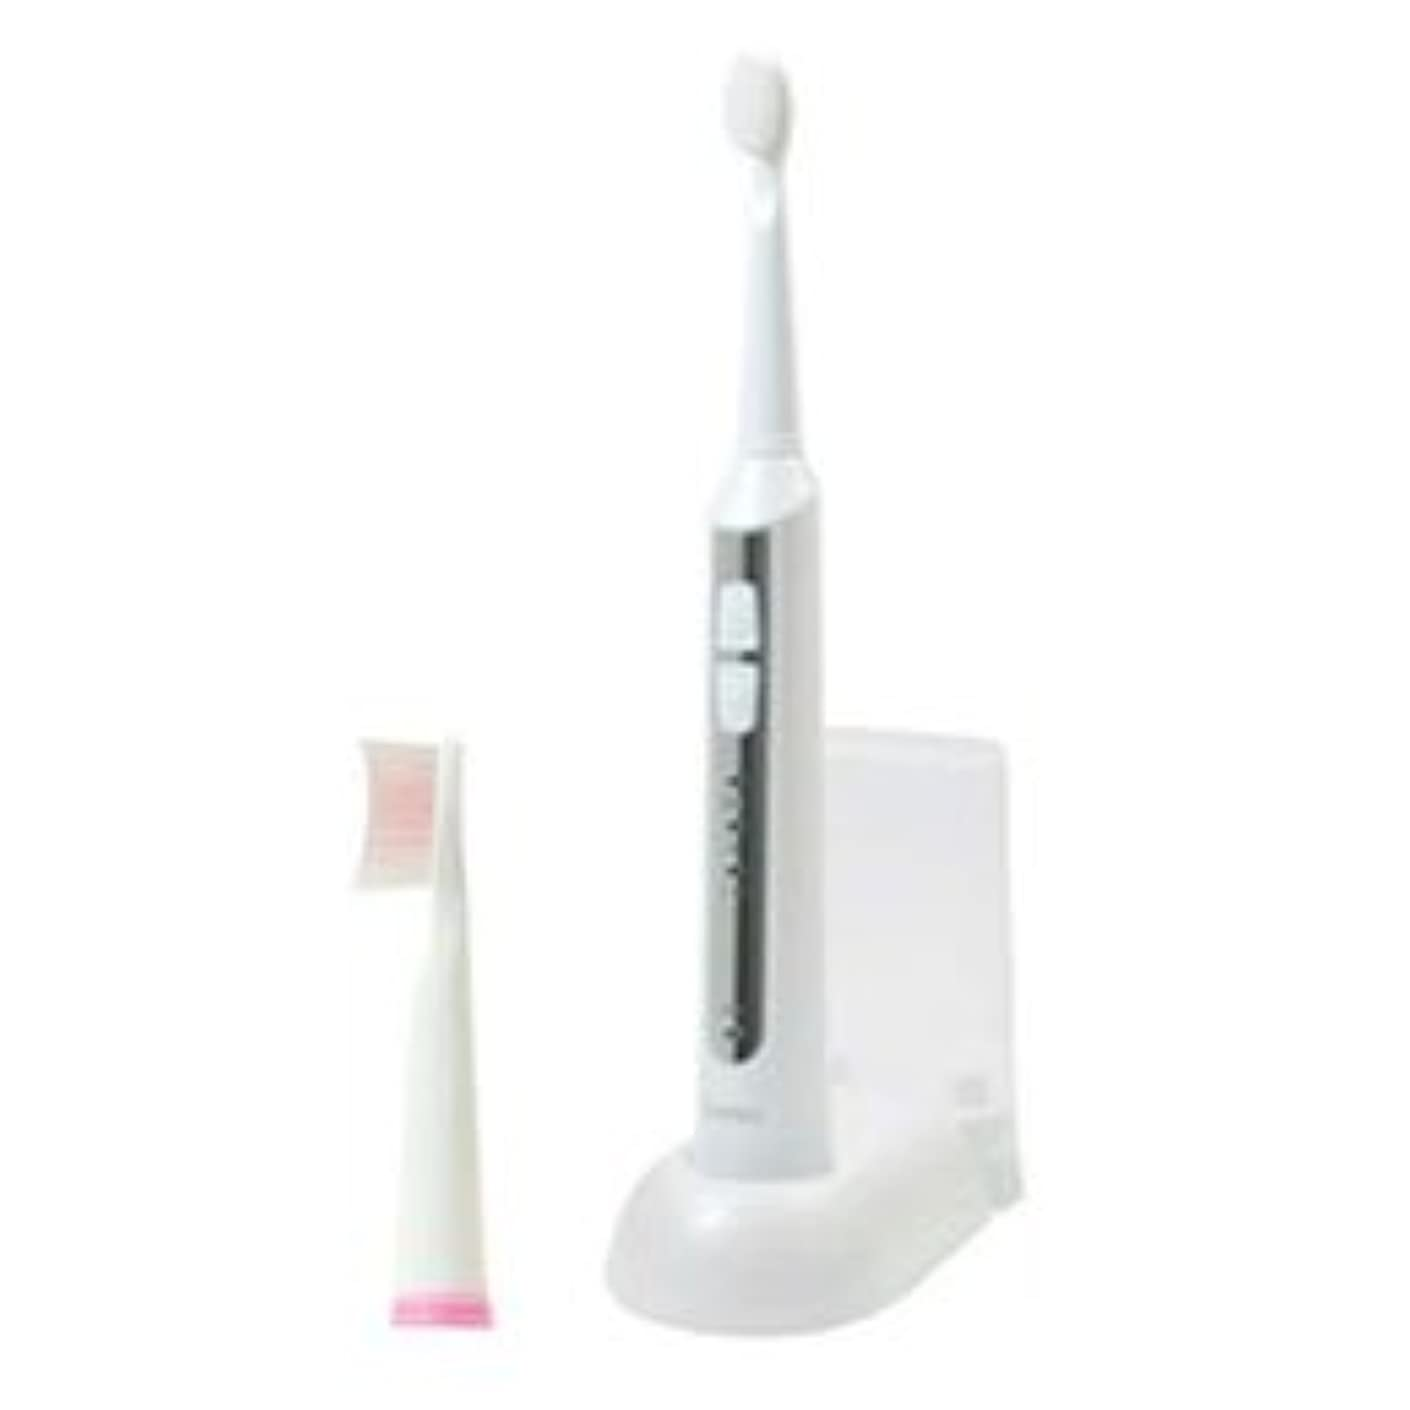 ネズミプロポーショナル征服DRETEC 音波式電動歯ブラシ 高速振動と選べる振動モードでしっかり磨ける ホワイト TB-500